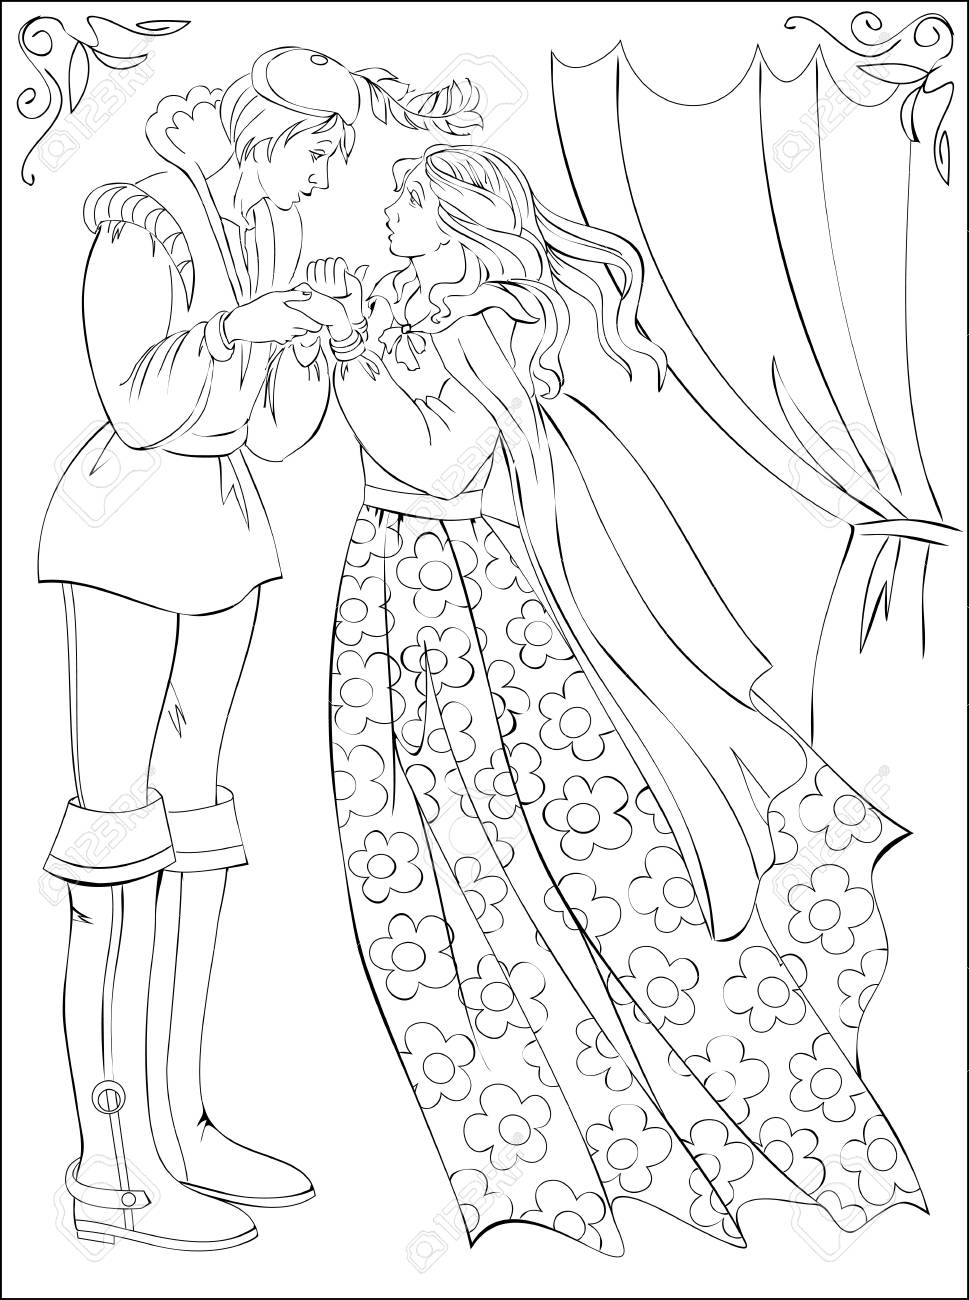 Page Noir Et Blanc à Colorier Dessin Fantaisie De Prince Et Princesse De Conte De Fées Feuille De Travail Pour Les Enfants Et Les Adultes Image